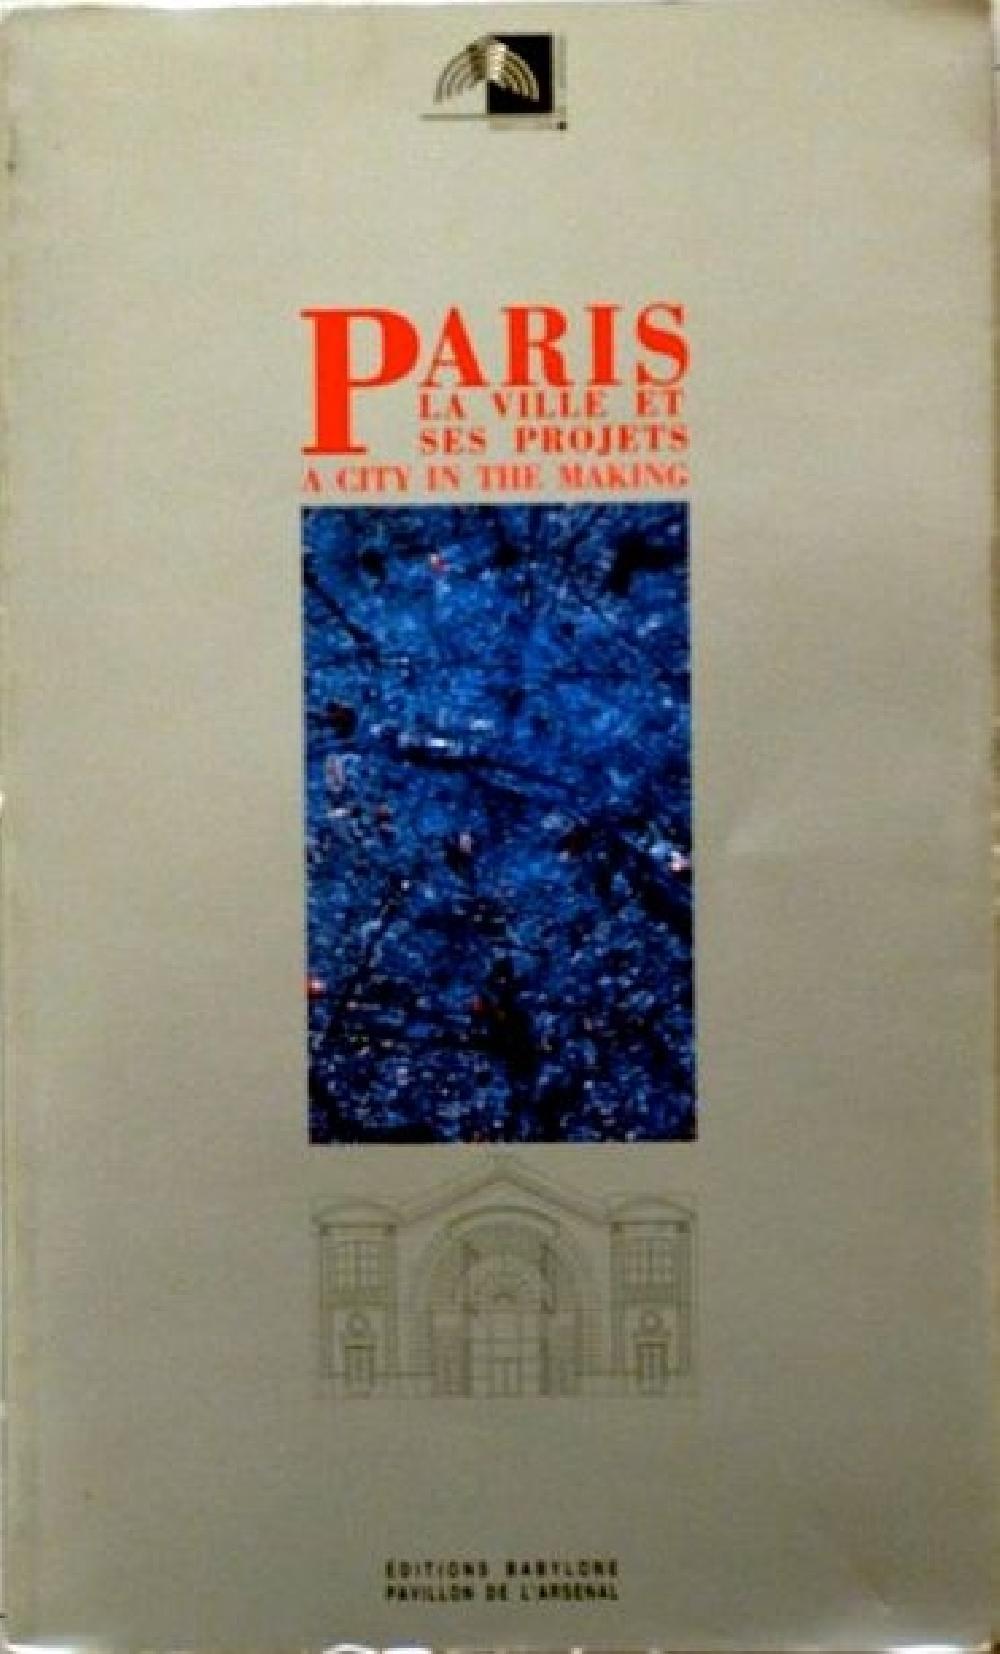 Paris la ville et ses projets